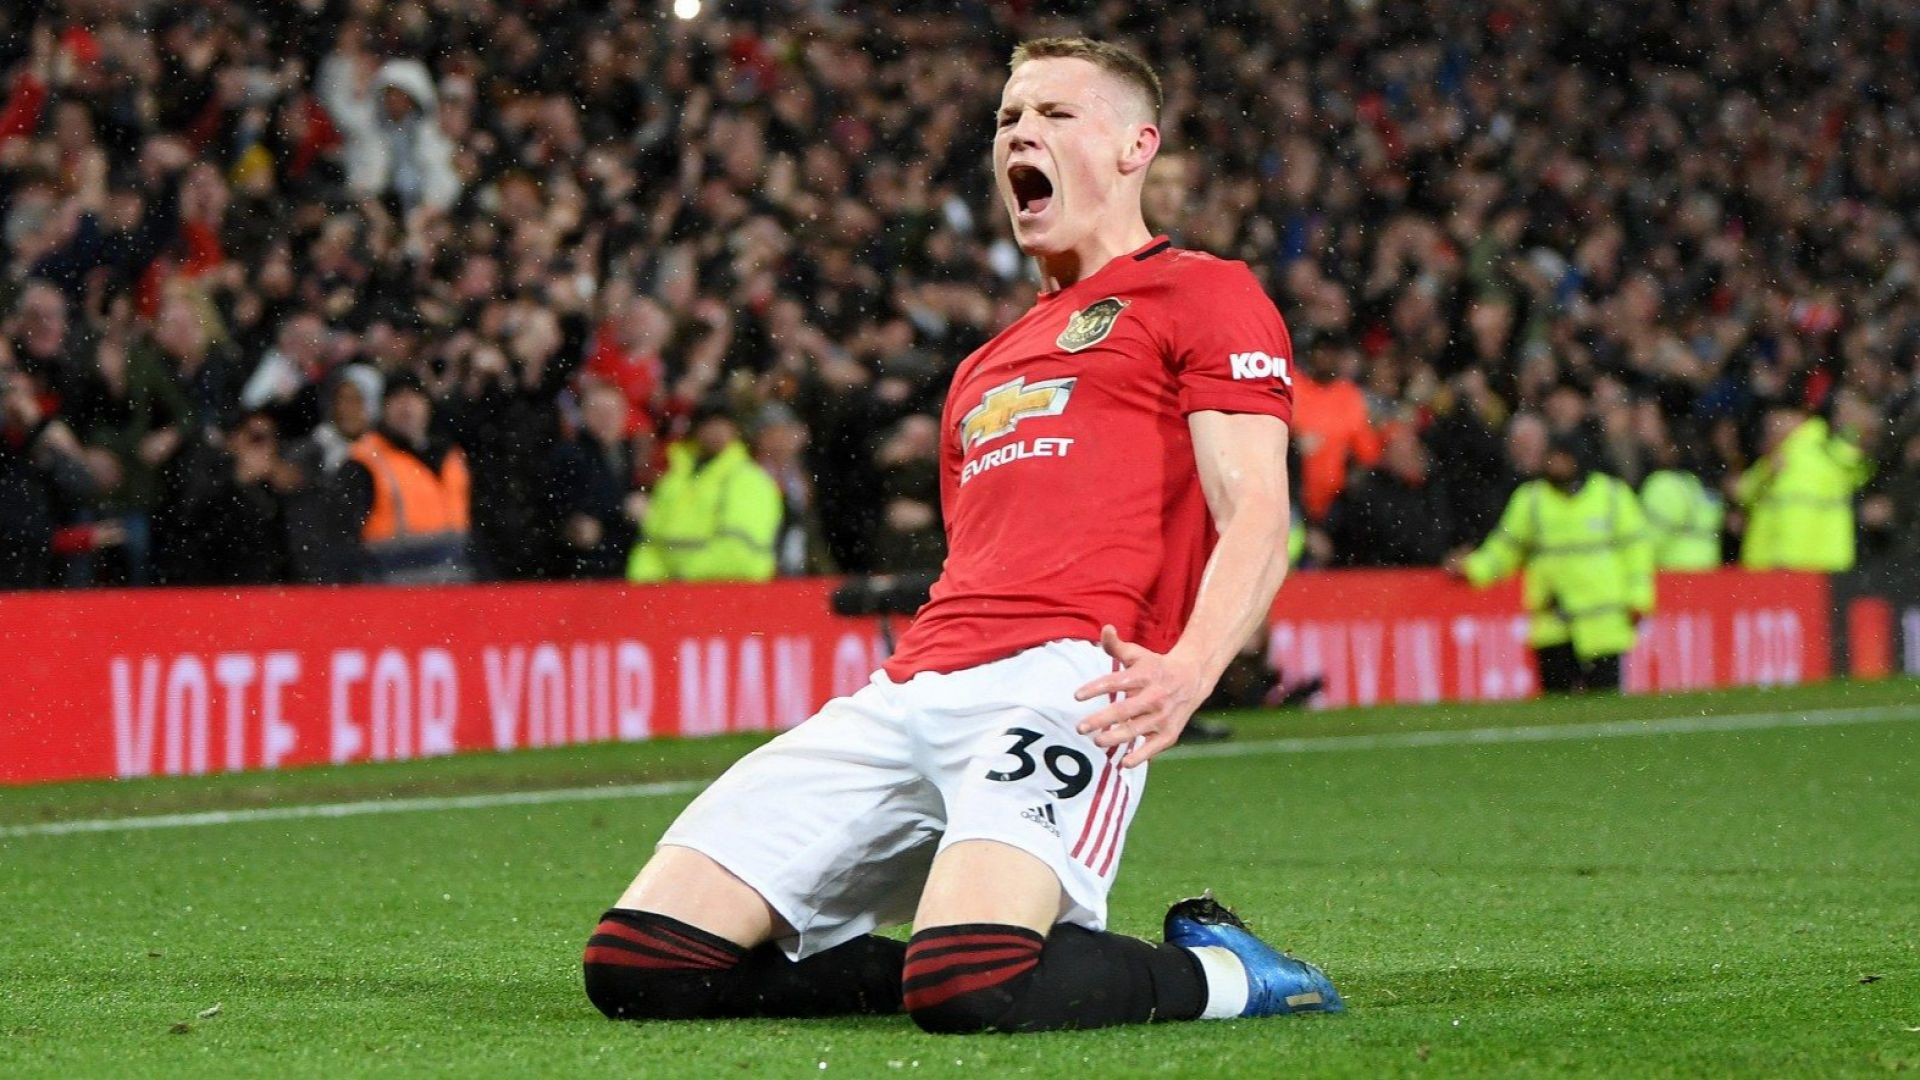 Манчестър почервеня - перфектен Юнайтед удари Сити за трети път през сезона